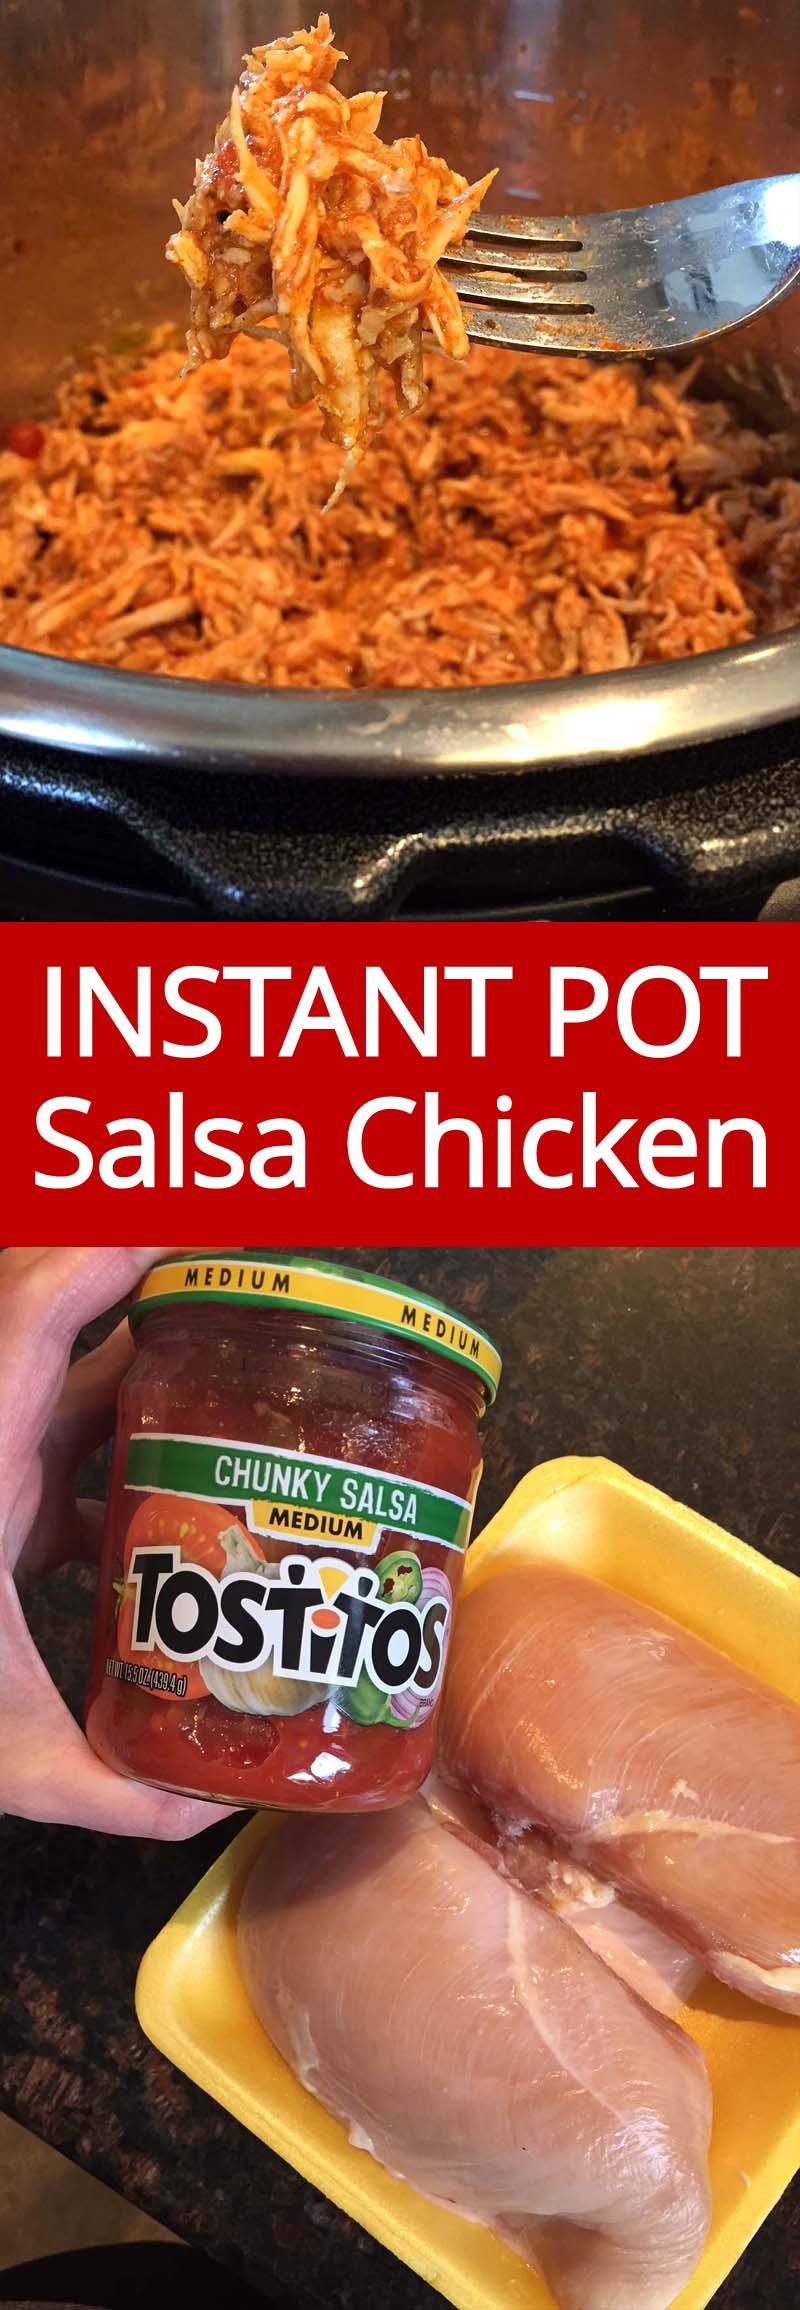 Instant Pot Frozen Chicken Recipes  Instant Pot Salsa Chicken Recipe With Fresh Frozen